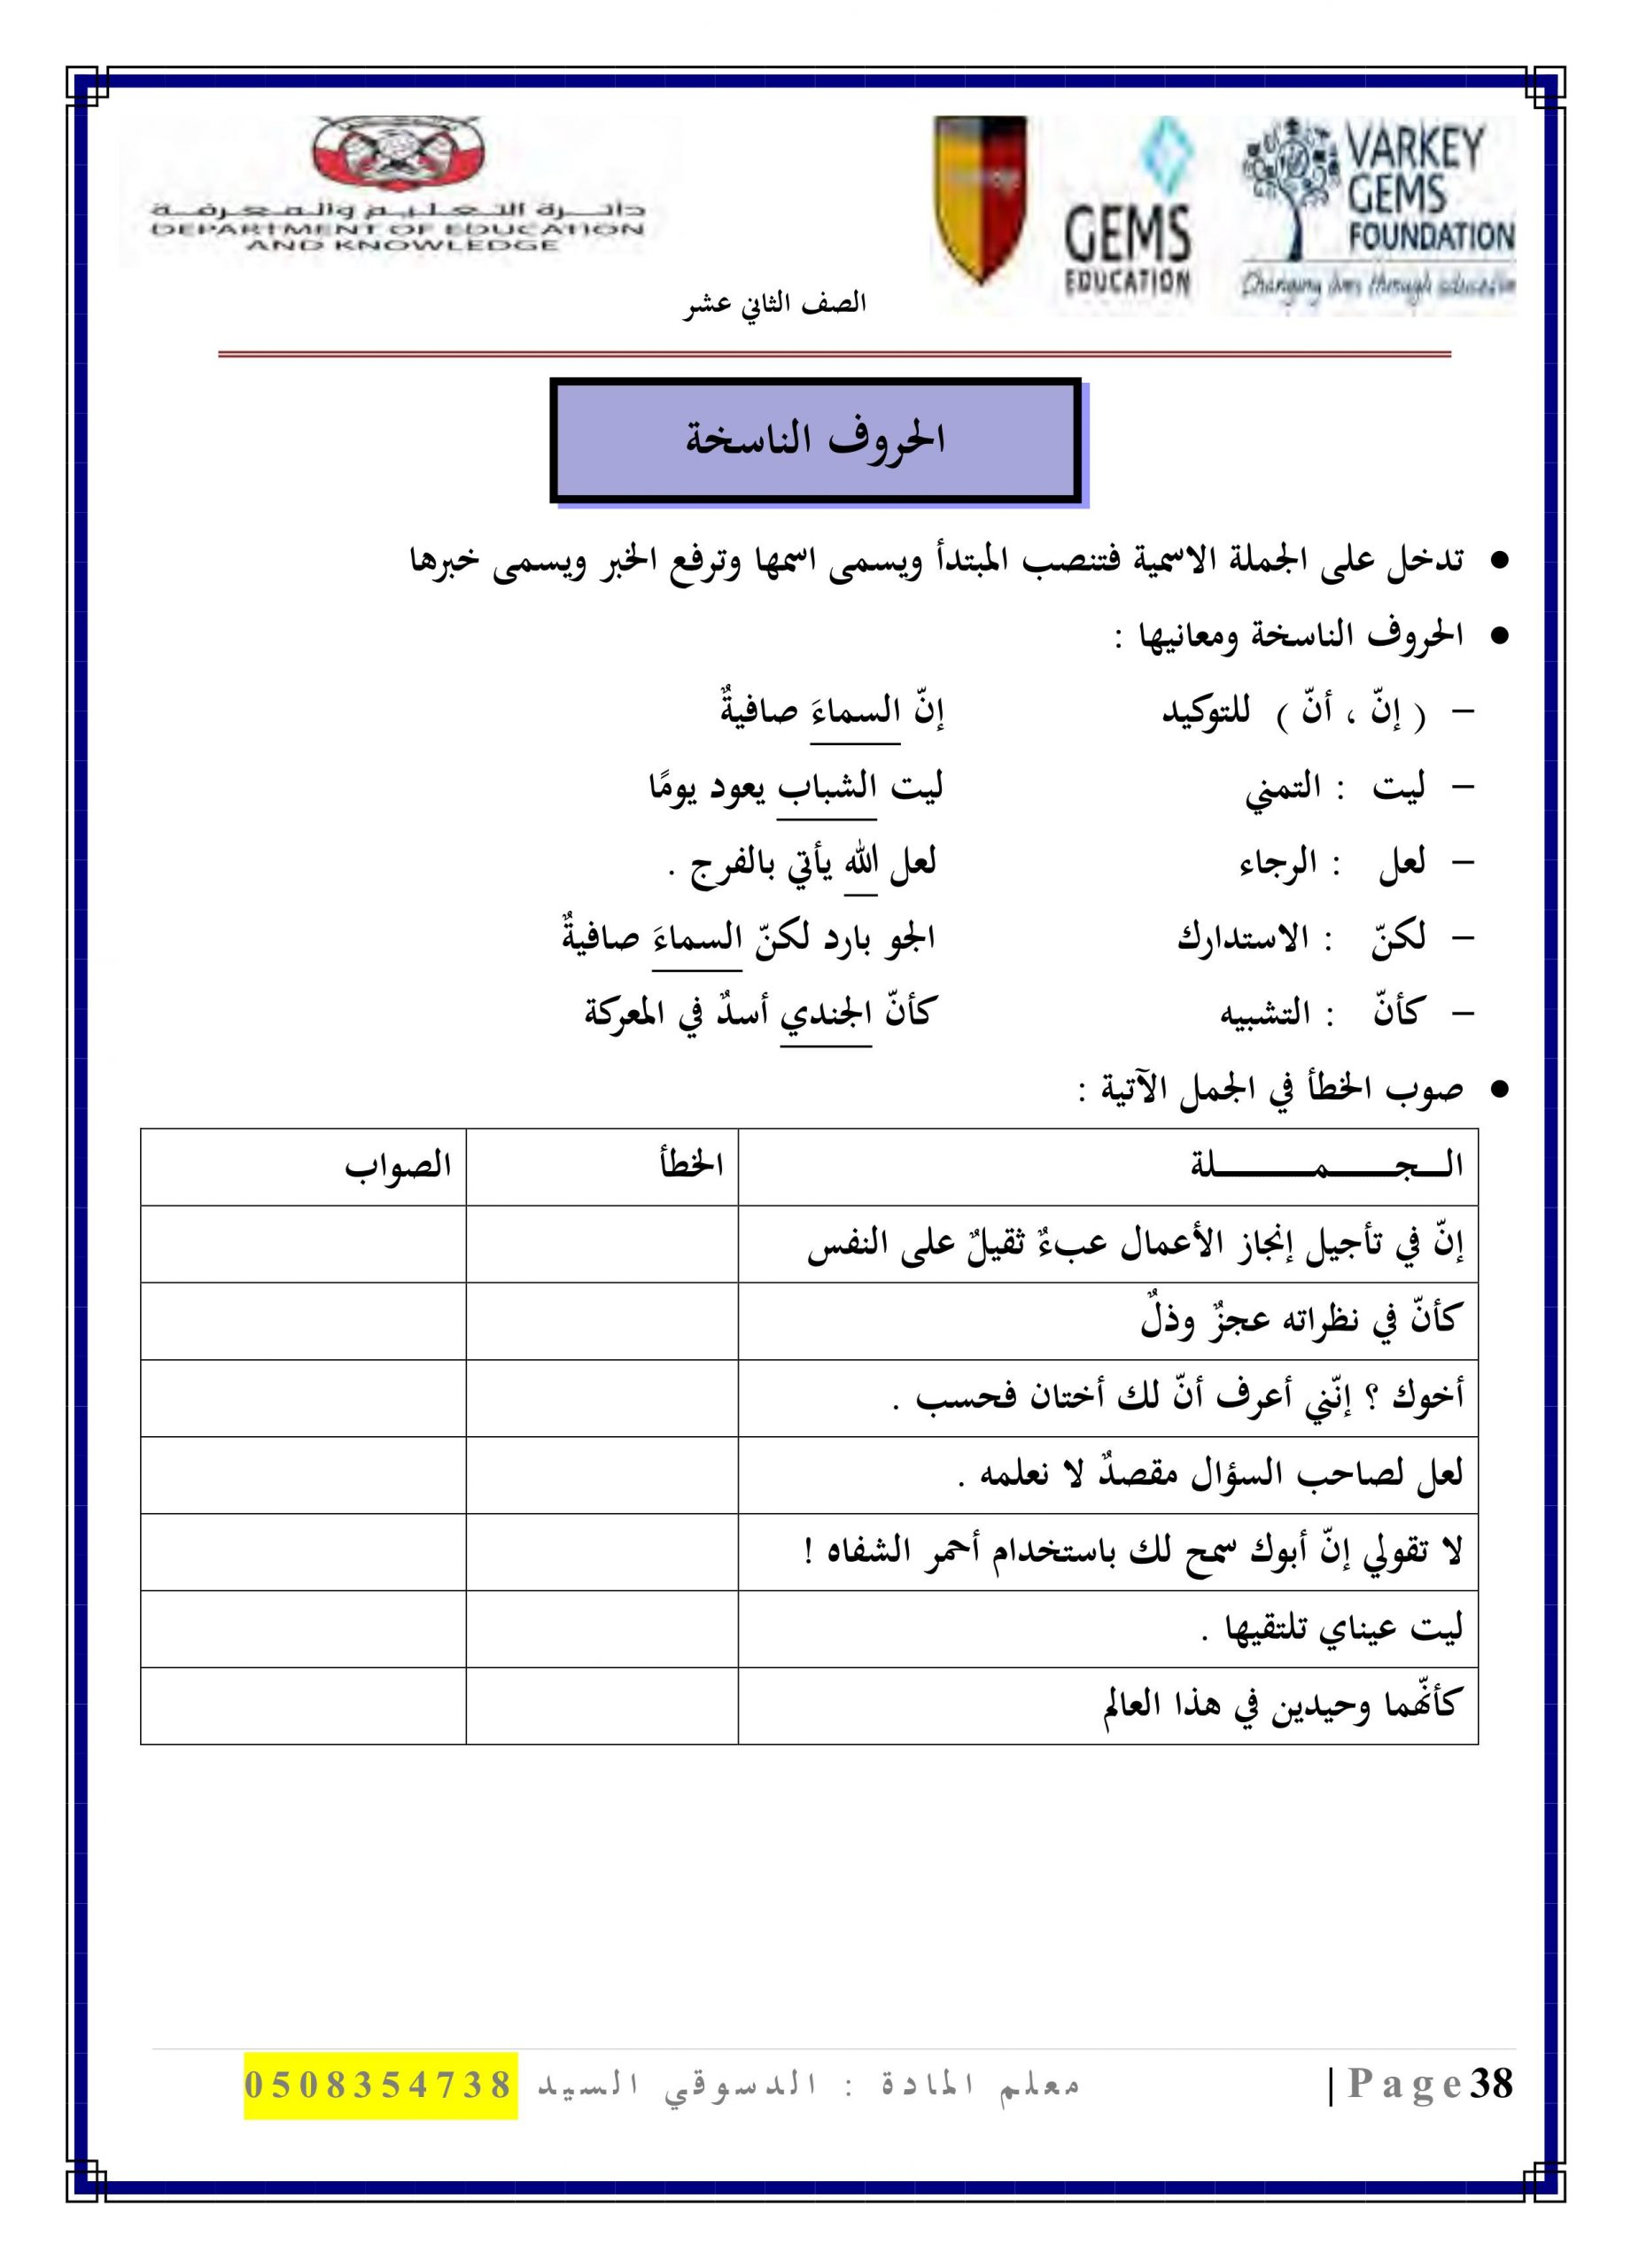 ورقة عمل الافعال الناسخة الصف الثاني عشر مادة اللغة العربية